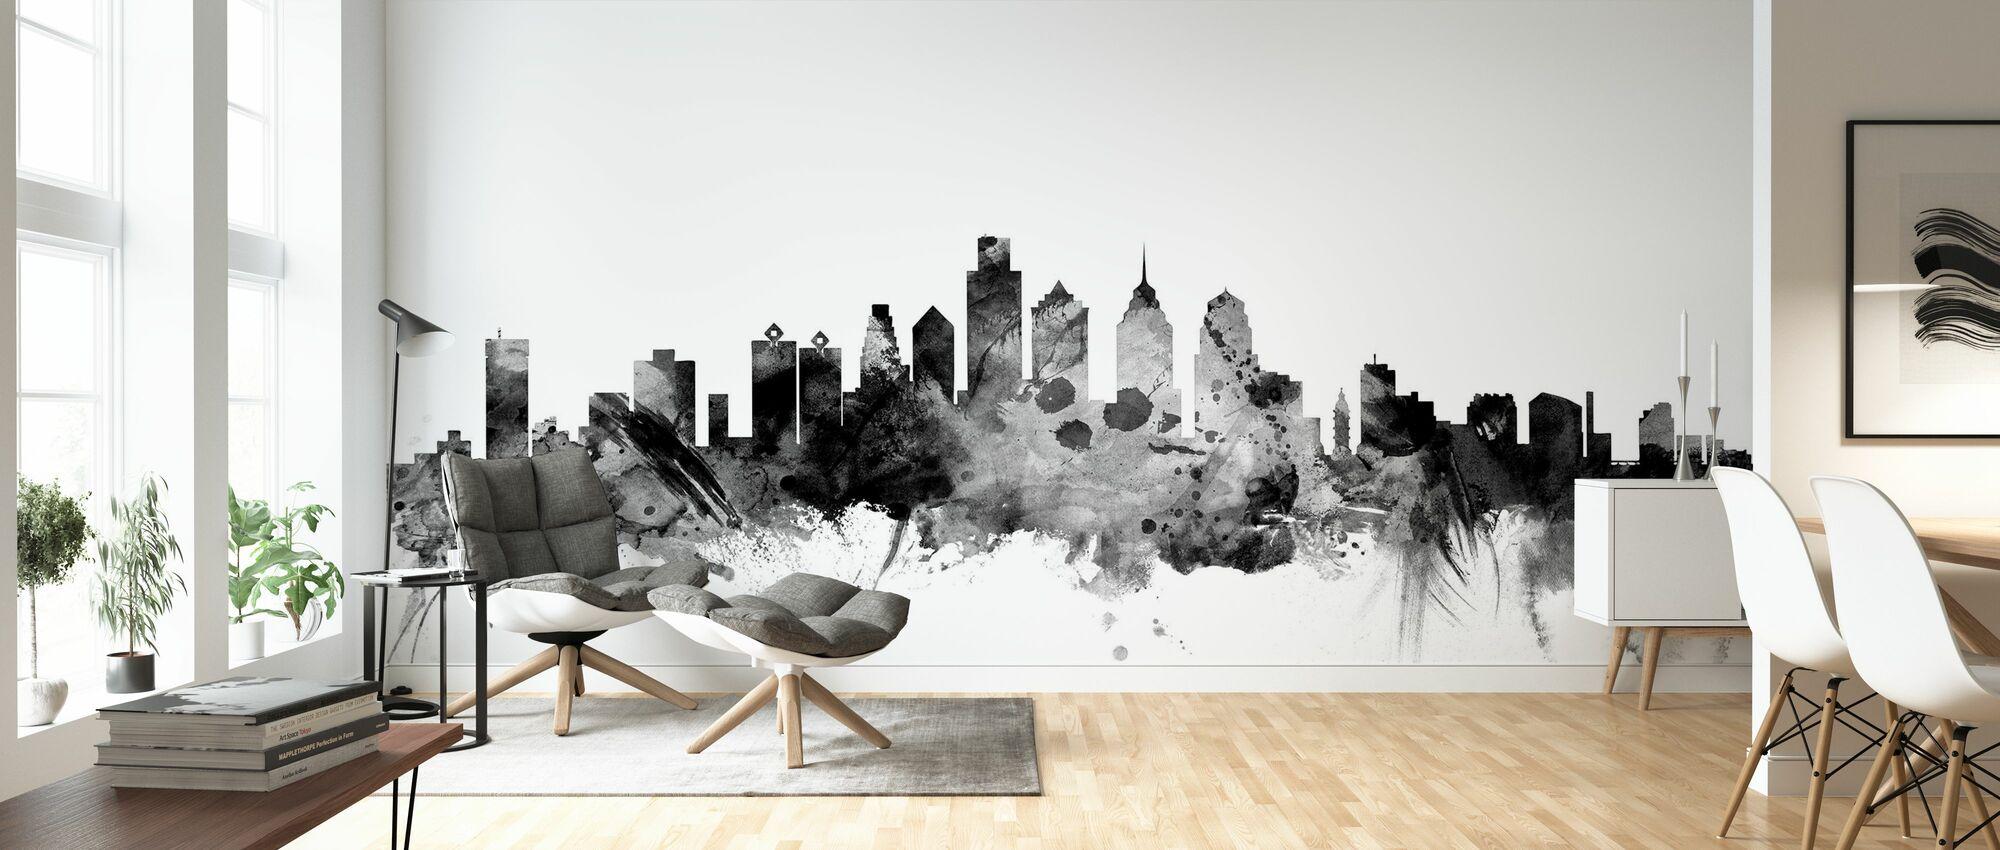 Philadelphia Pennsylvania Skyline Black - Wallpaper - Living Room